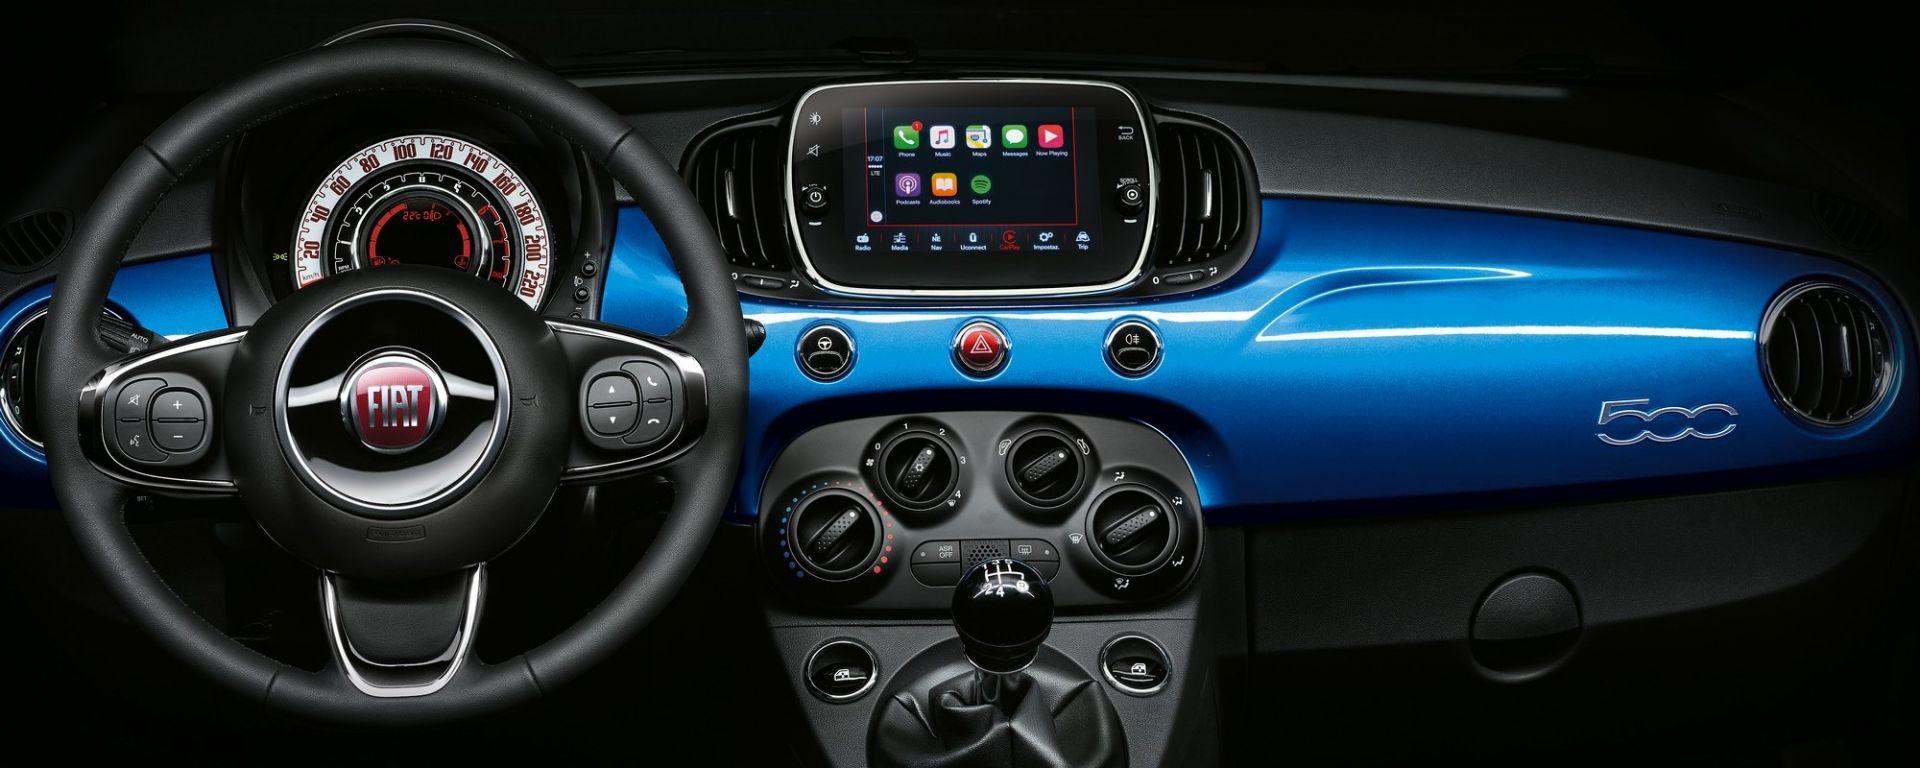 Fiat 500 Mirror, l'infotainment supporta Apple CarPlay e Android Auto